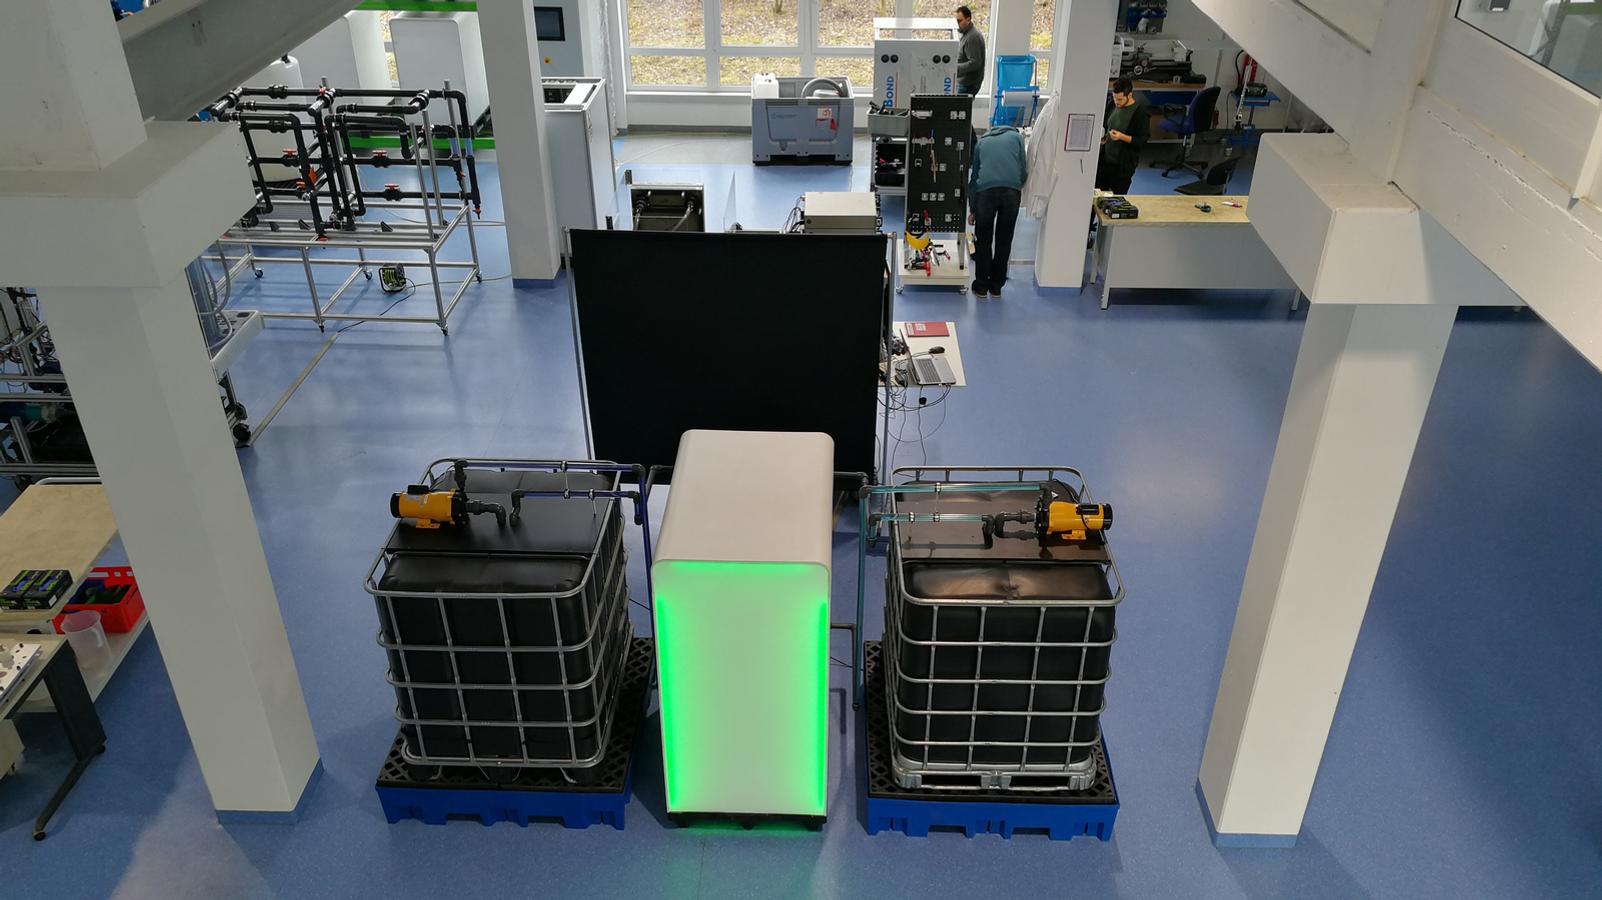 Lignin statt Lithium: Organische Energiespeicher aus Alzenau